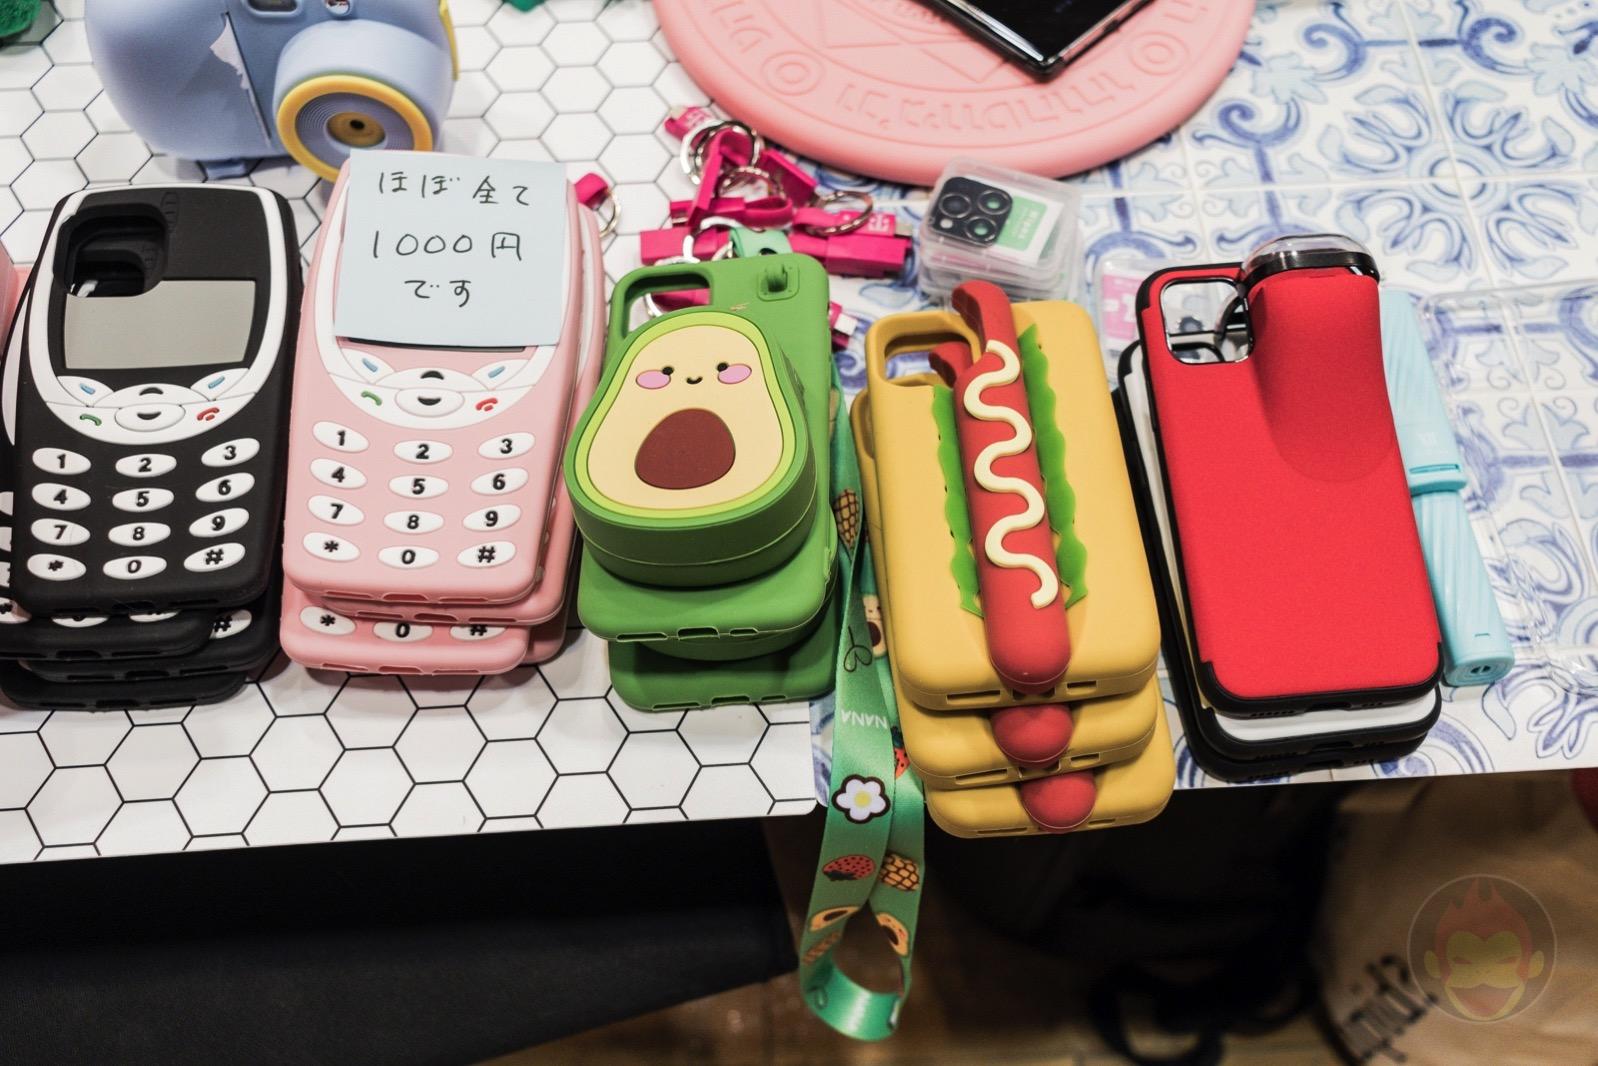 Iphone case ten 2019 08